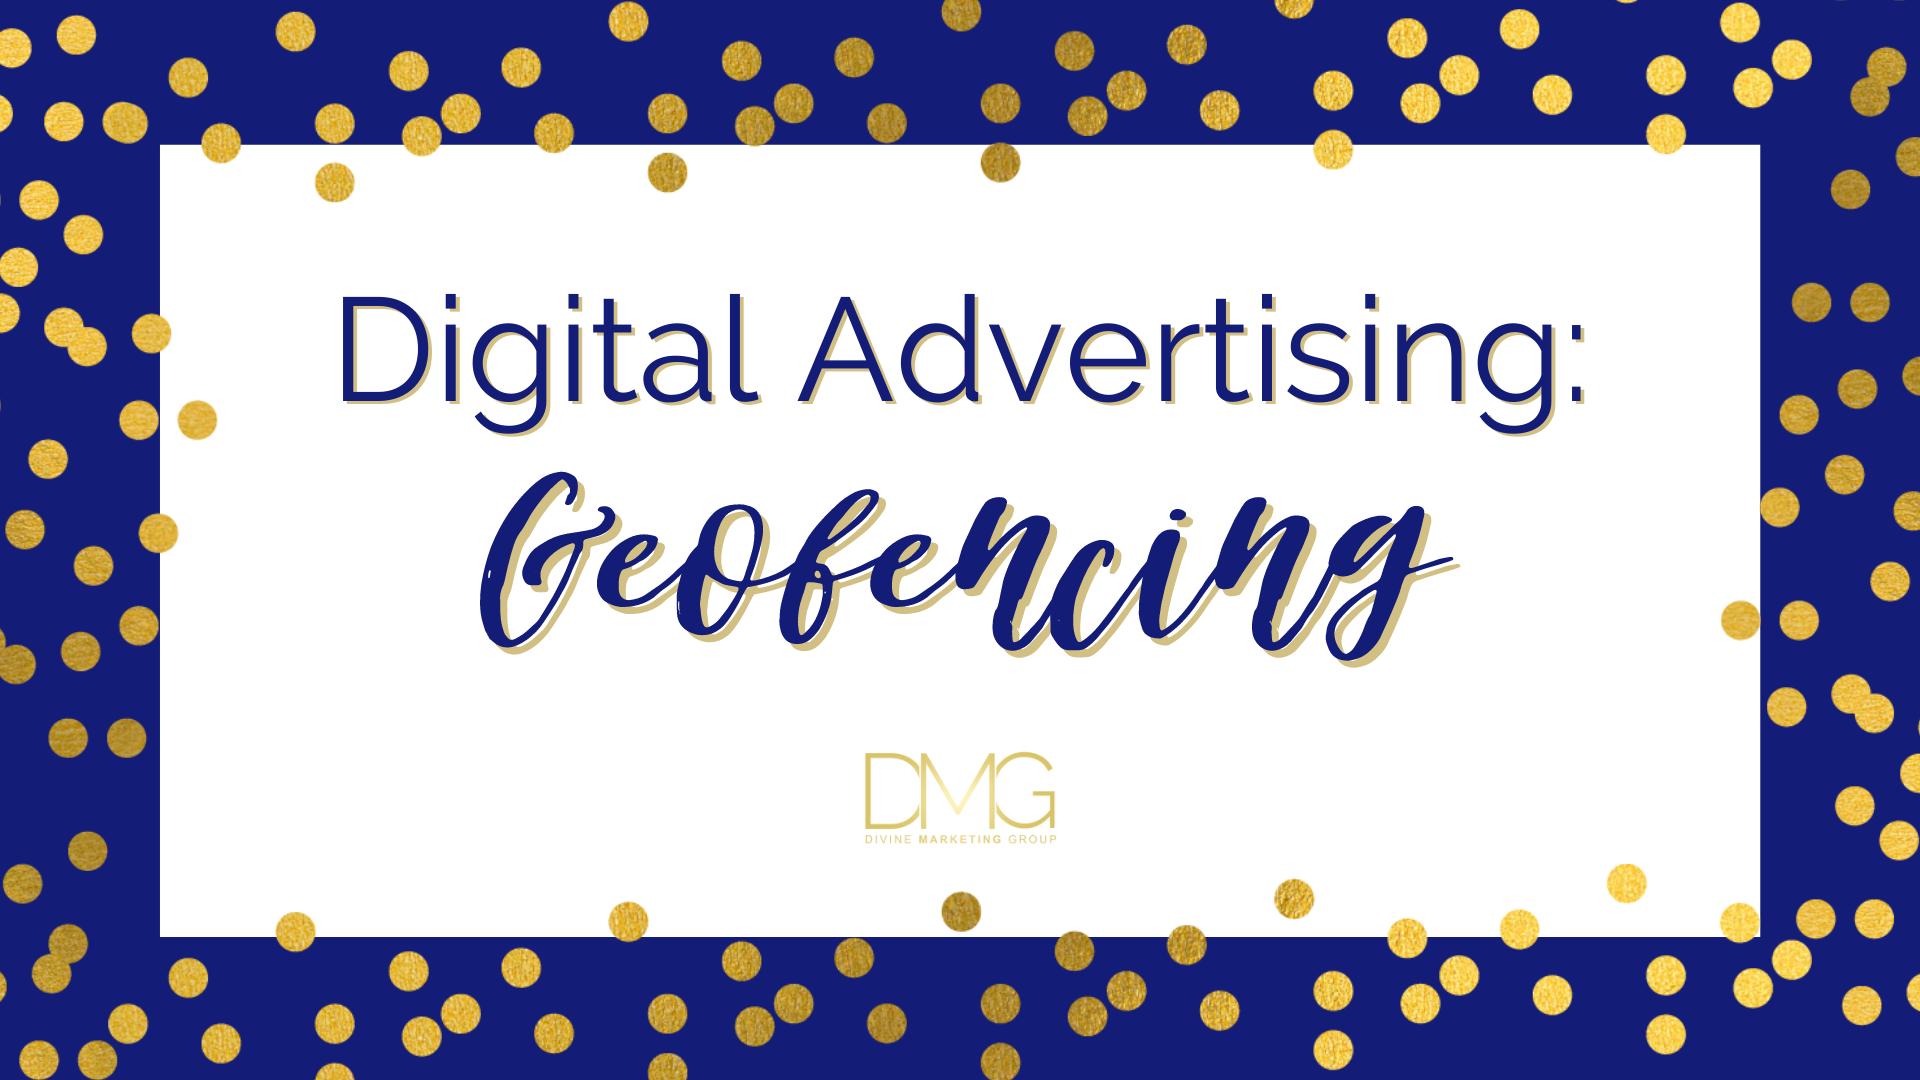 Digital Advertising: Geofencing